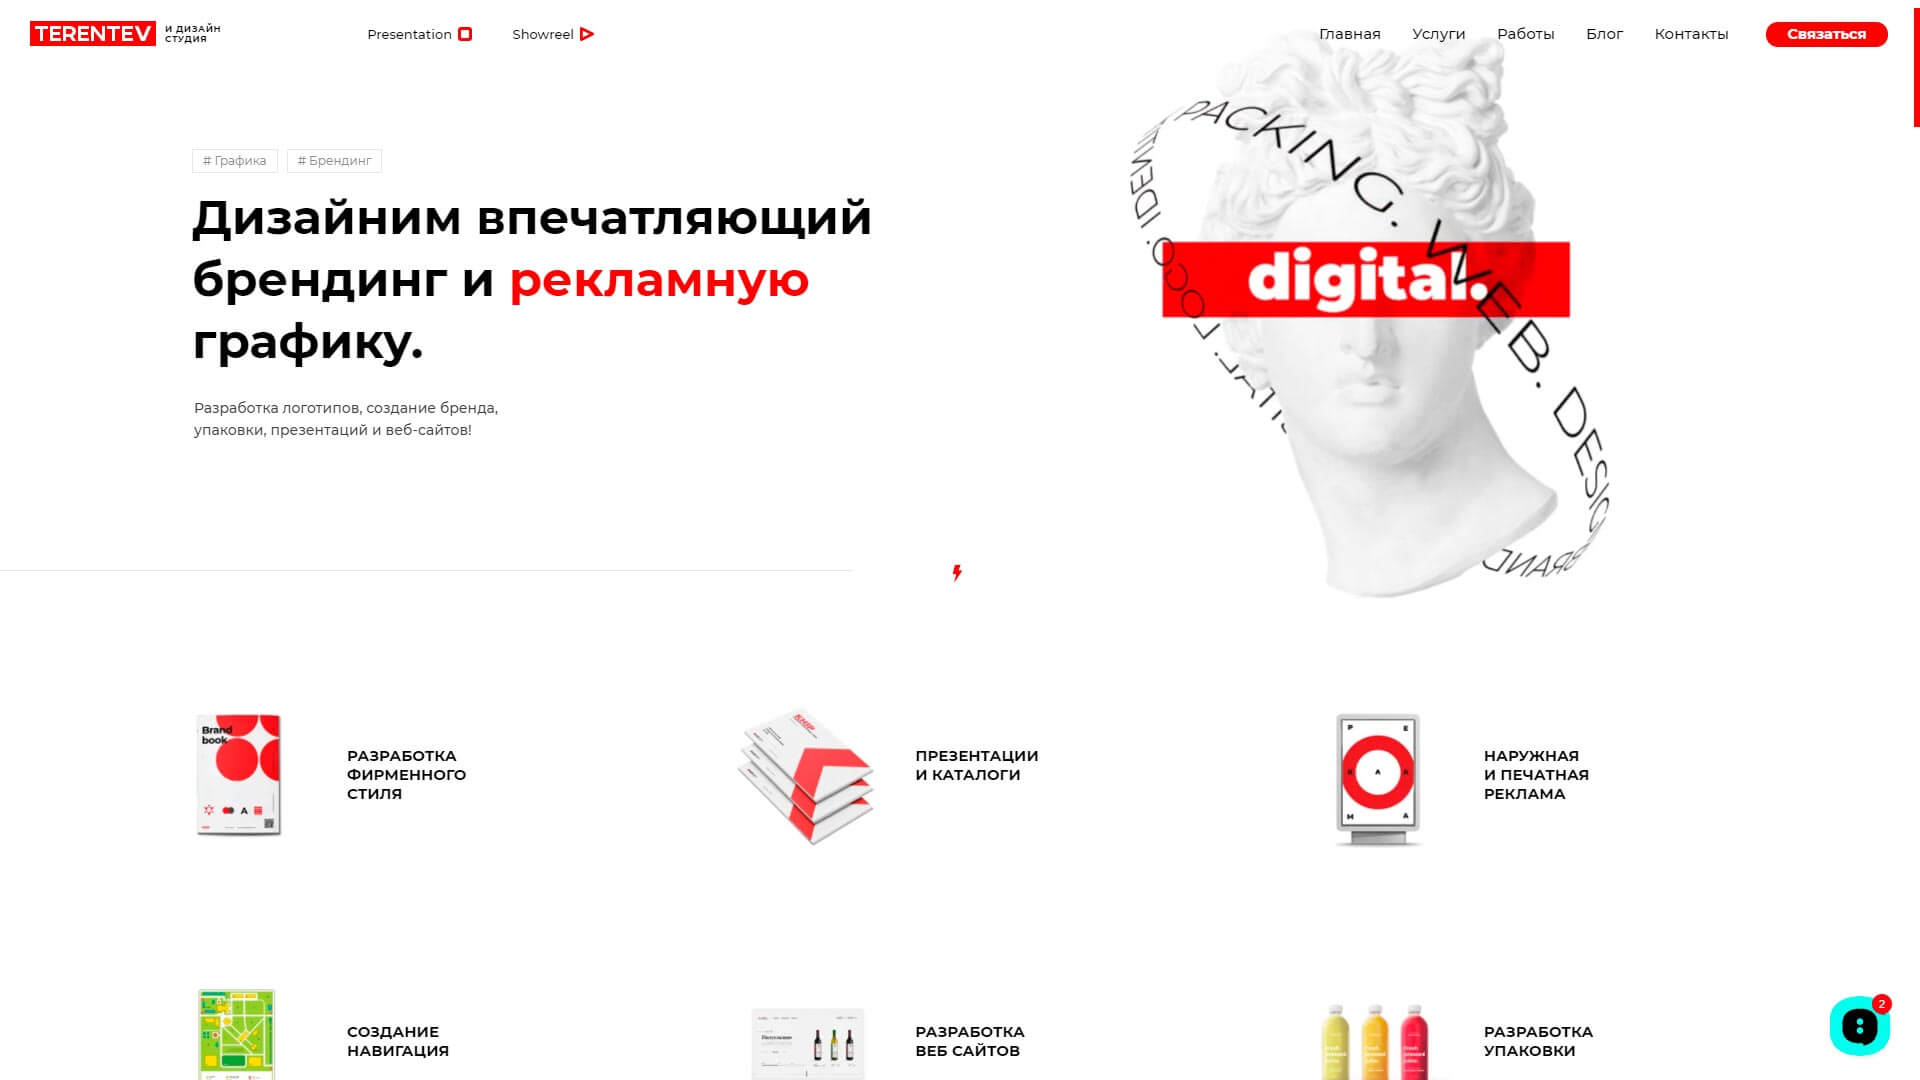 Terentev Design Studio - обзор компании, услуги, отзывы, клиенты, Фото № 3 - google-seo.pro